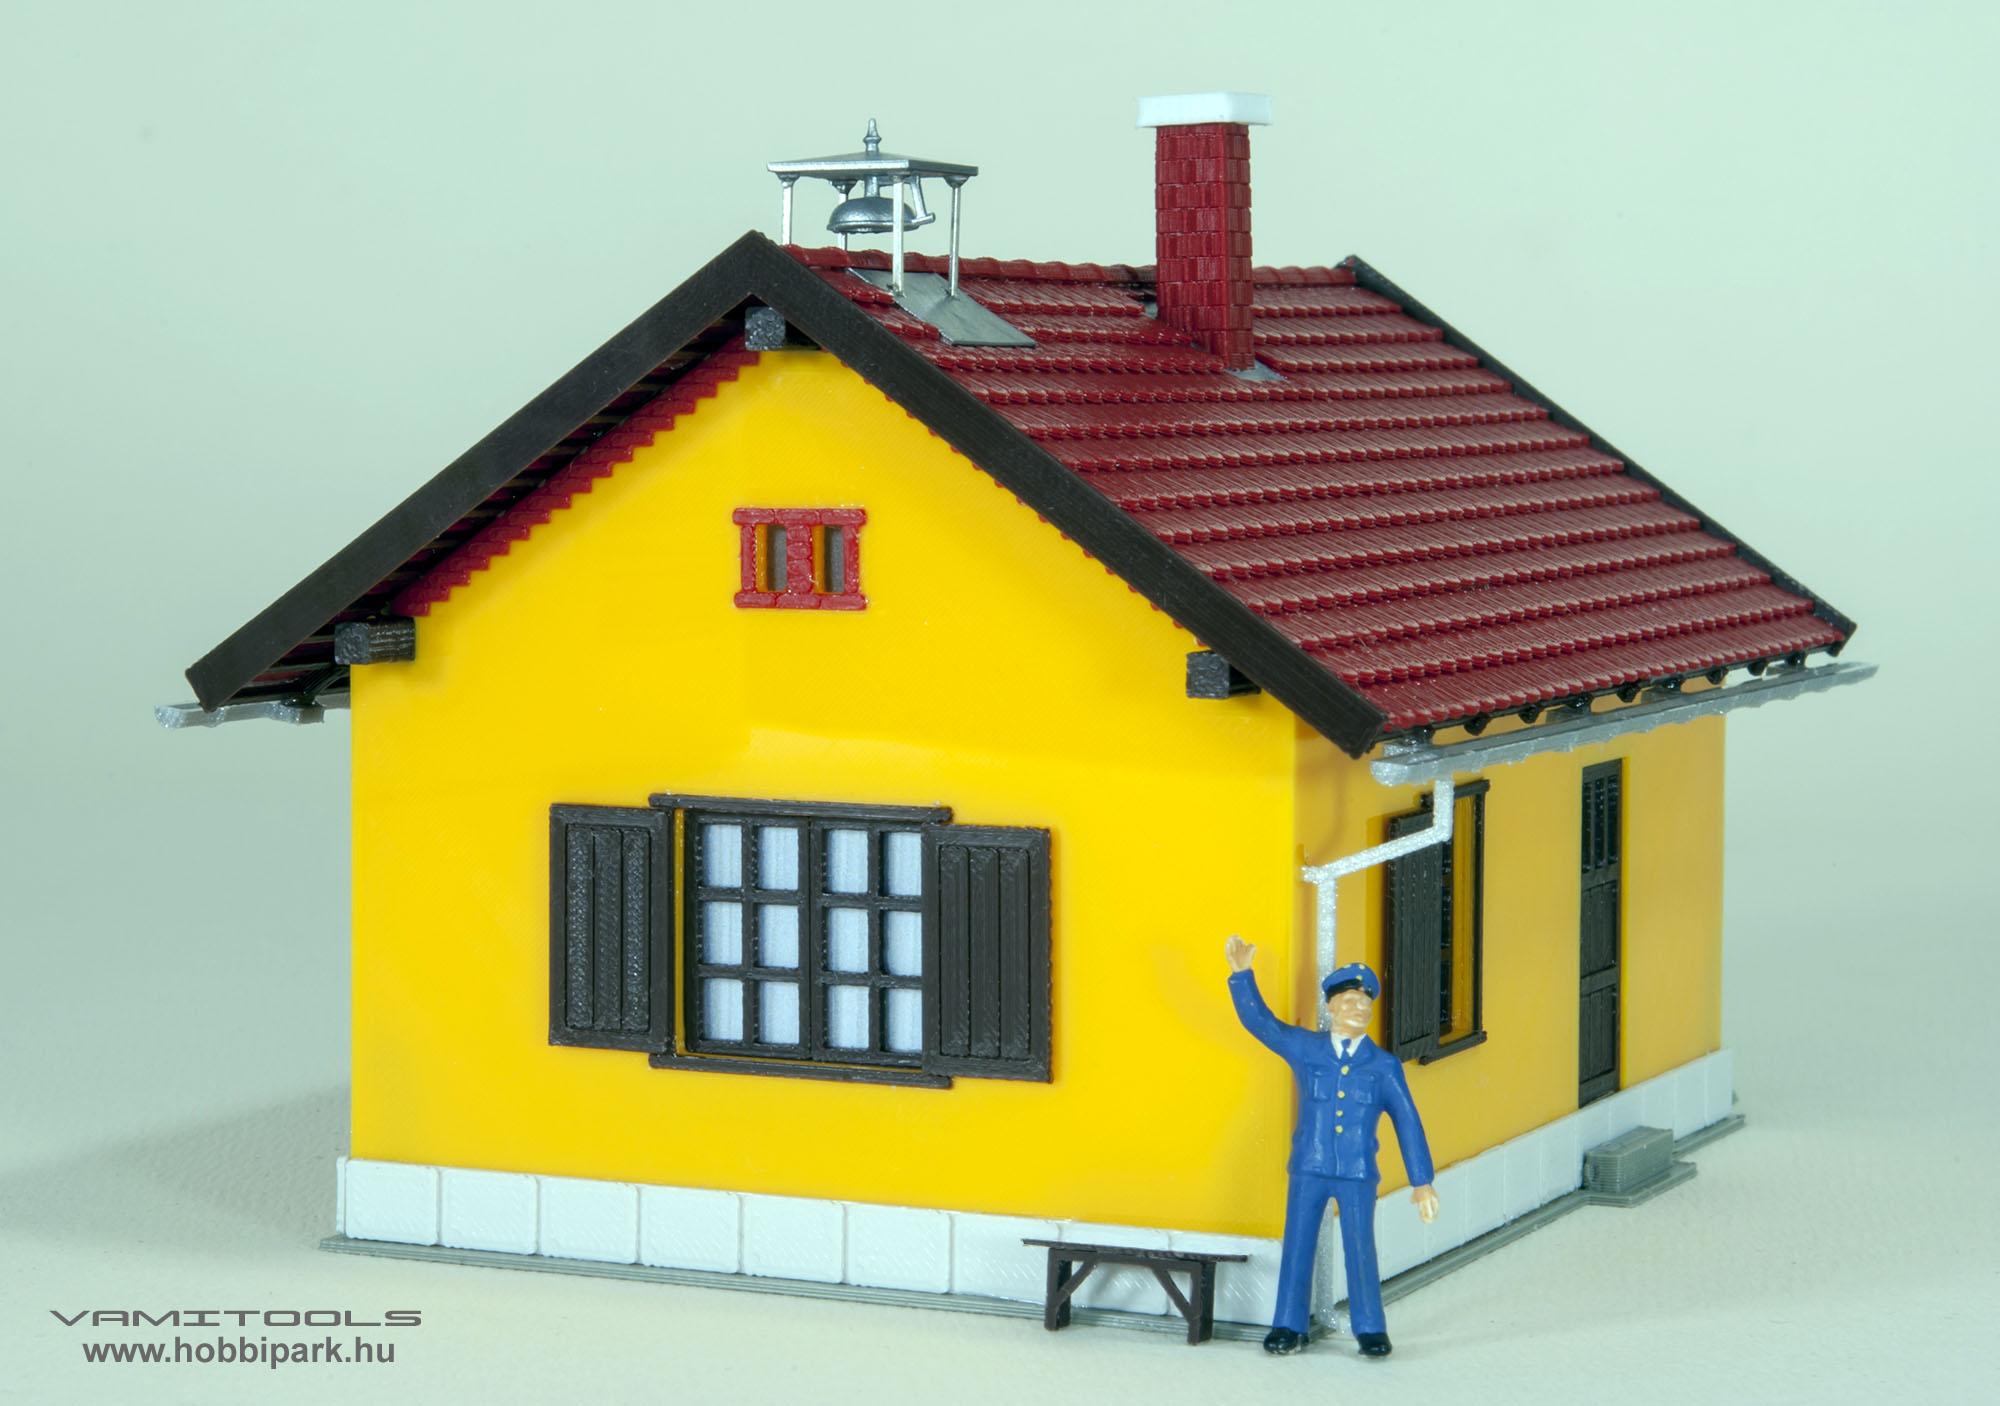 őrház, őrhely, bakterház, ház, épület, makett, modell, modellvasút, vasútmodell, terepasztal, dioráma, déli vasút őrház, déli vasút őrhely, déli vasút bakterház, vasúti épület, vasúti őrház, vasúti őrhely, vasúti bakterház, vasúti ház, MÁV őrház, MÁV őrhely, MÁV bakterház, MÁV ház, MÁV épület, HÉV őrház, HÉV őrhely, HÉV bakterház, HÉV ház, HÉV épület, HÉV vasúti épület, HÉV vasúti őrház, HÉV vasúti őrhely, HÉV vasúti bakterház, HÉV vasúti ház, MÁV vasúti épület, MÁV vasúti őrház, MÁV vasúti őrhely, MÁV vasúti bakterház, MÁV vasúti ház, H0 őrház, H0 őrhely, H0 bakterház, H0 ház, H0 épület, H0 makett, H0 modell, H0 modellvasút, H0 vasútmodell, H0 terepasztal, H0 dioráma, H0 déli vasút őrház, H0 déli vasút őrhely, H0 déli vasút bakterház, H0 vasúti épület, H0 vasúti őrház, H0 vasúti őrhely, H0 vasúti bakterház, H0 vasúti ház, H0 MÁV őrház, H0 MÁV őrhely, H0 MÁV bakterház, H0 MÁV ház, H0 MÁV épület, H0 HÉV őrház, H0 HÉV őrhely, H0 HÉV bakterház, H0 HÉV ház, H0 HÉV épület, H0 HÉV vasúti épület, H0 HÉV vasúti őrház, H0 HÉV vasúti őrhely, H0 HÉV vasúti bakterház, H0 HÉV vasúti ház, H0 MÁV vasúti épület, H0 MÁV vasúti őrház, H0 MÁV vasúti őrhely, H0 MÁV vasúti bakterház, H0 MÁV vasúti ház, TT őrház, TT őrhely, TT bakterház, TT ház, TT épület, TT makett, TT modell, TT modellvasút, TT vasútmodell, TT terepasztal, TT dioráma, TT déli vasút őrház, TT déli vasút őrhely, TT déli vasút bakterház, TT vasúti épület, TT vasúti őrház, TT vasúti őrhely, TT vasúti bakterház, TT vasúti ház, TT MÁV őrház, TT MÁV őrhely, TT MÁV bakterház, TT MÁV ház, TT MÁV épület, TT HÉV őrház, TT HÉV őrhely, TT HÉV bakterház, TT HÉV ház, TT HÉV épület, TT HÉV vasúti épület, TT HÉV vasúti őrház, TT HÉV vasúti őrhely, TT HÉV vasúti bakterház, TT HÉV vasúti ház, TT MÁV vasúti épület, TT MÁV vasúti őrház, TT MÁV vasúti őrhely, TT MÁV vasúti bakterház, TT MÁV vasúti ház, N őrház, N őrhely, N bakterház, N ház, N épület, N makett, N modell, N modellvasút, N vasútmodell, N terepasztal, N dioráma, N déli vasút őr